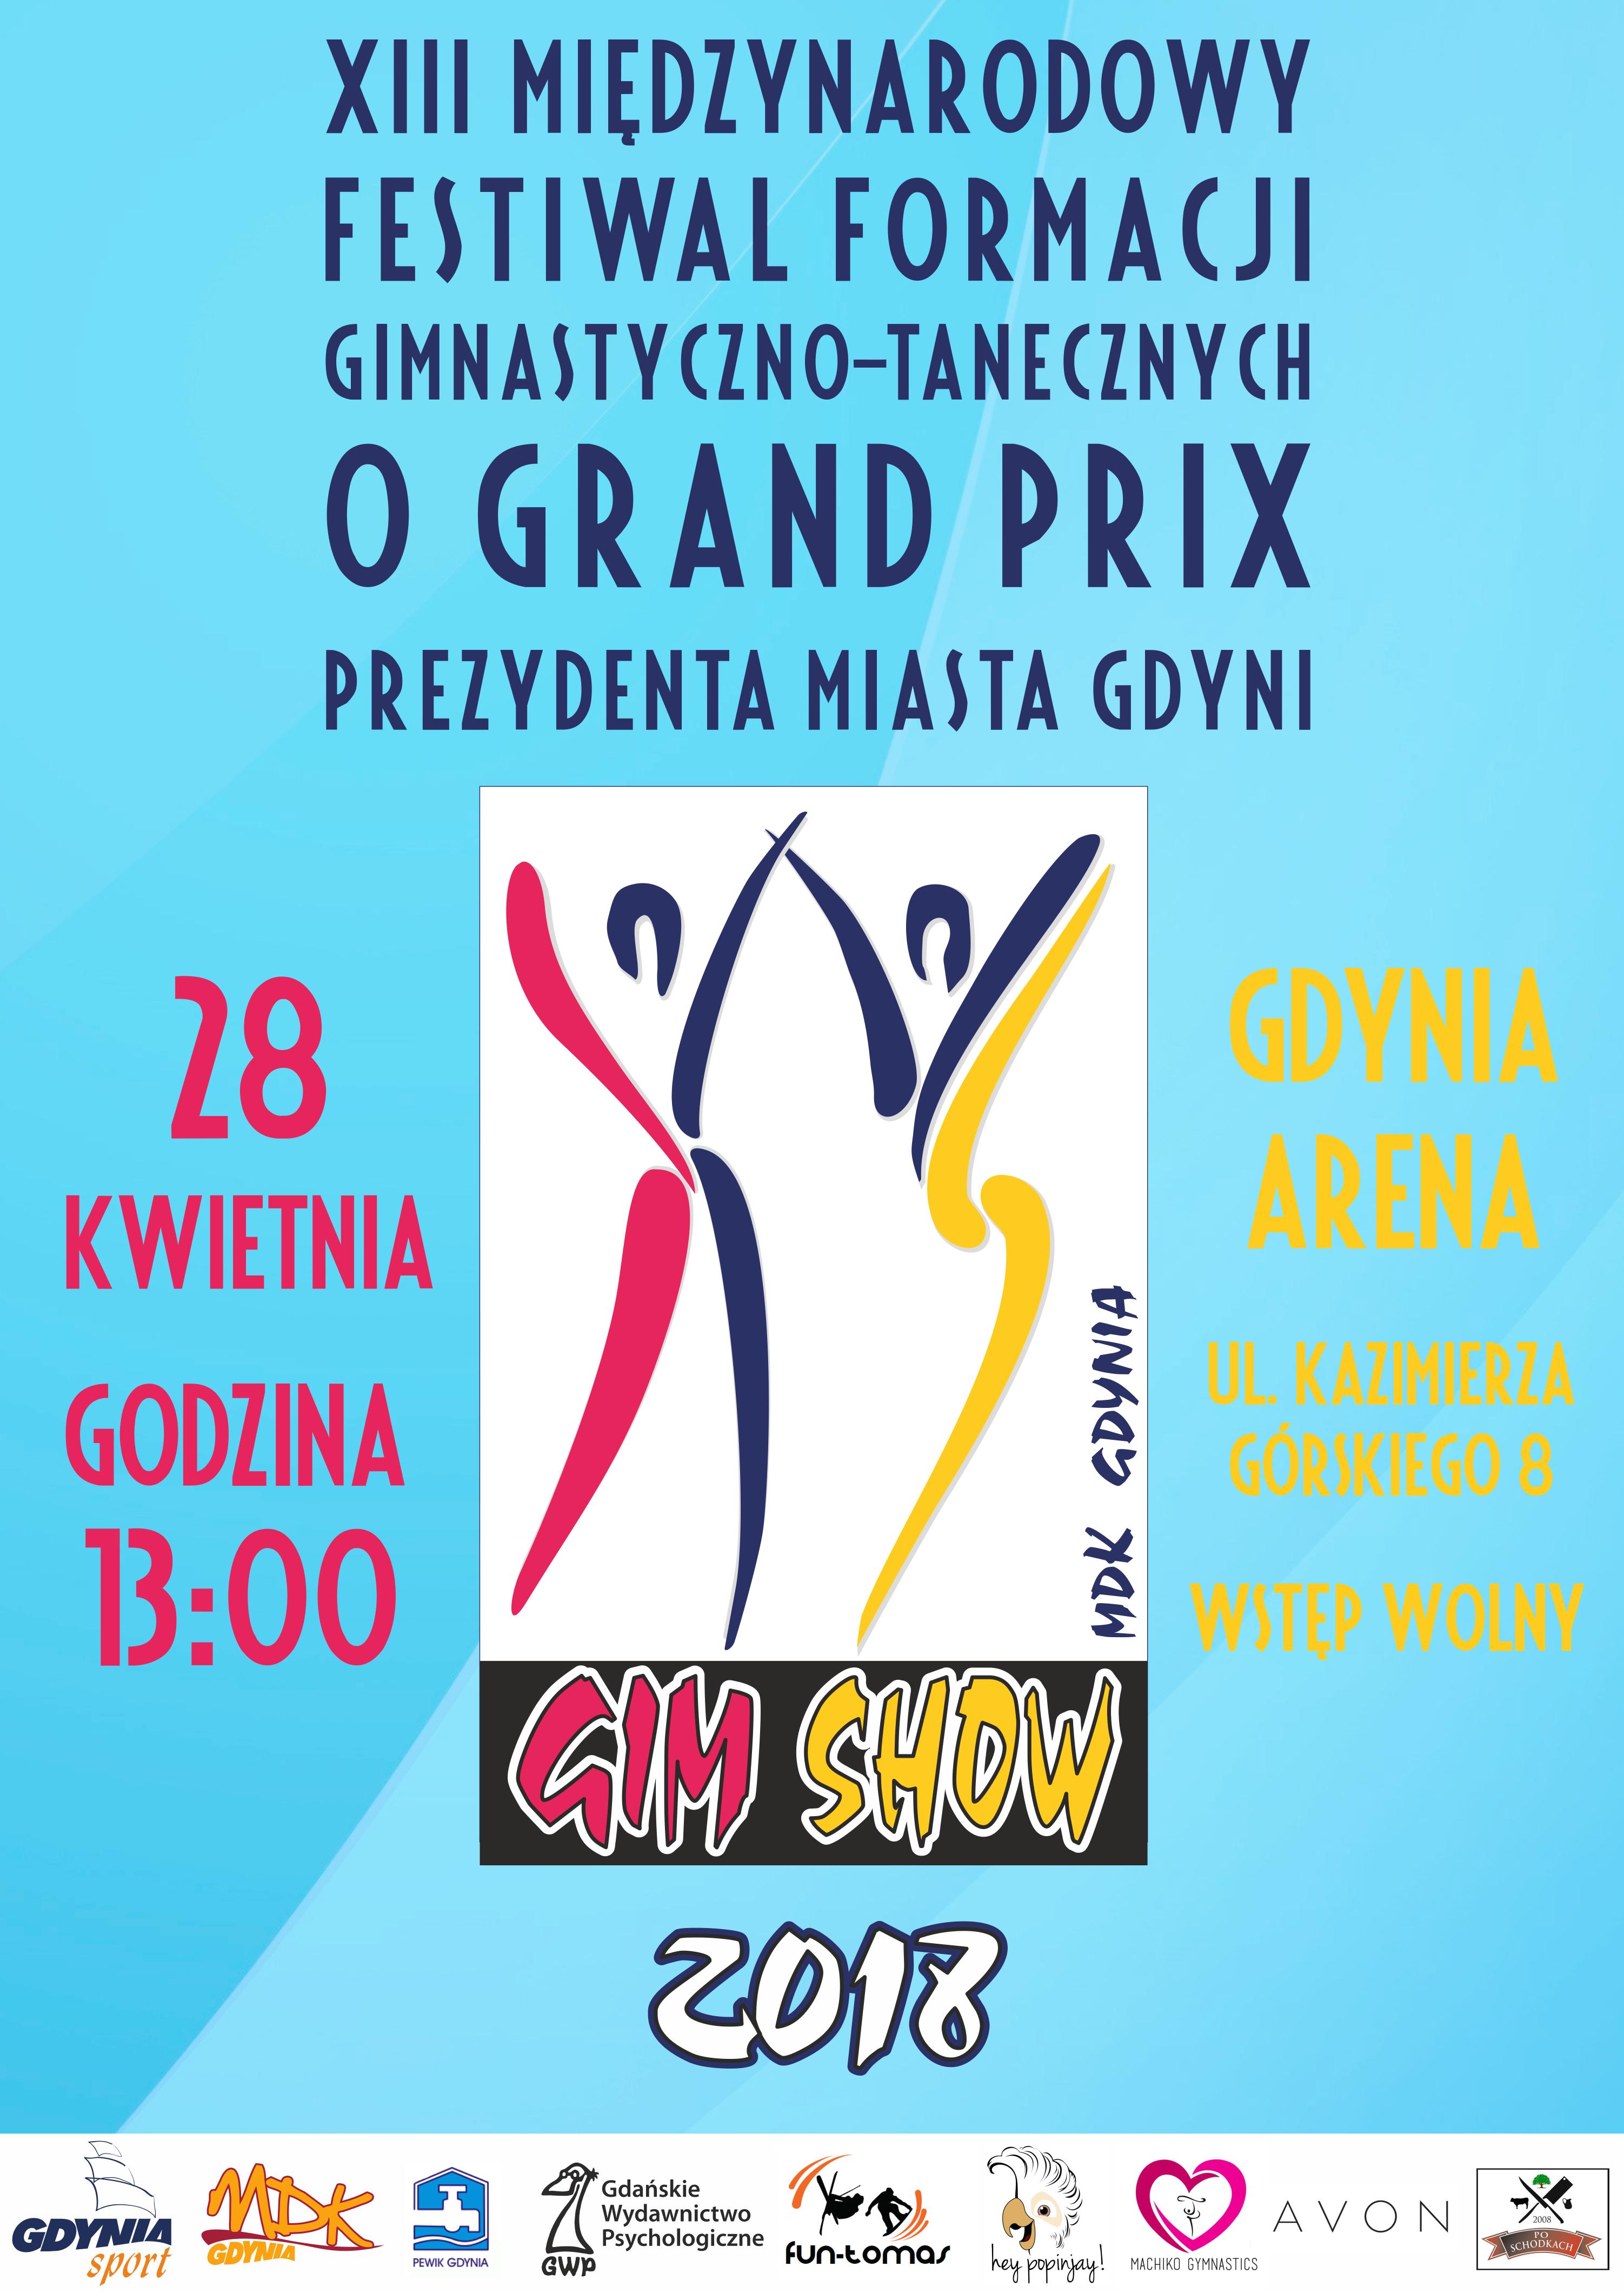 Chłodny Młodzieżowy Dom Kultury Gdynia - Gim Show 2018! BH03